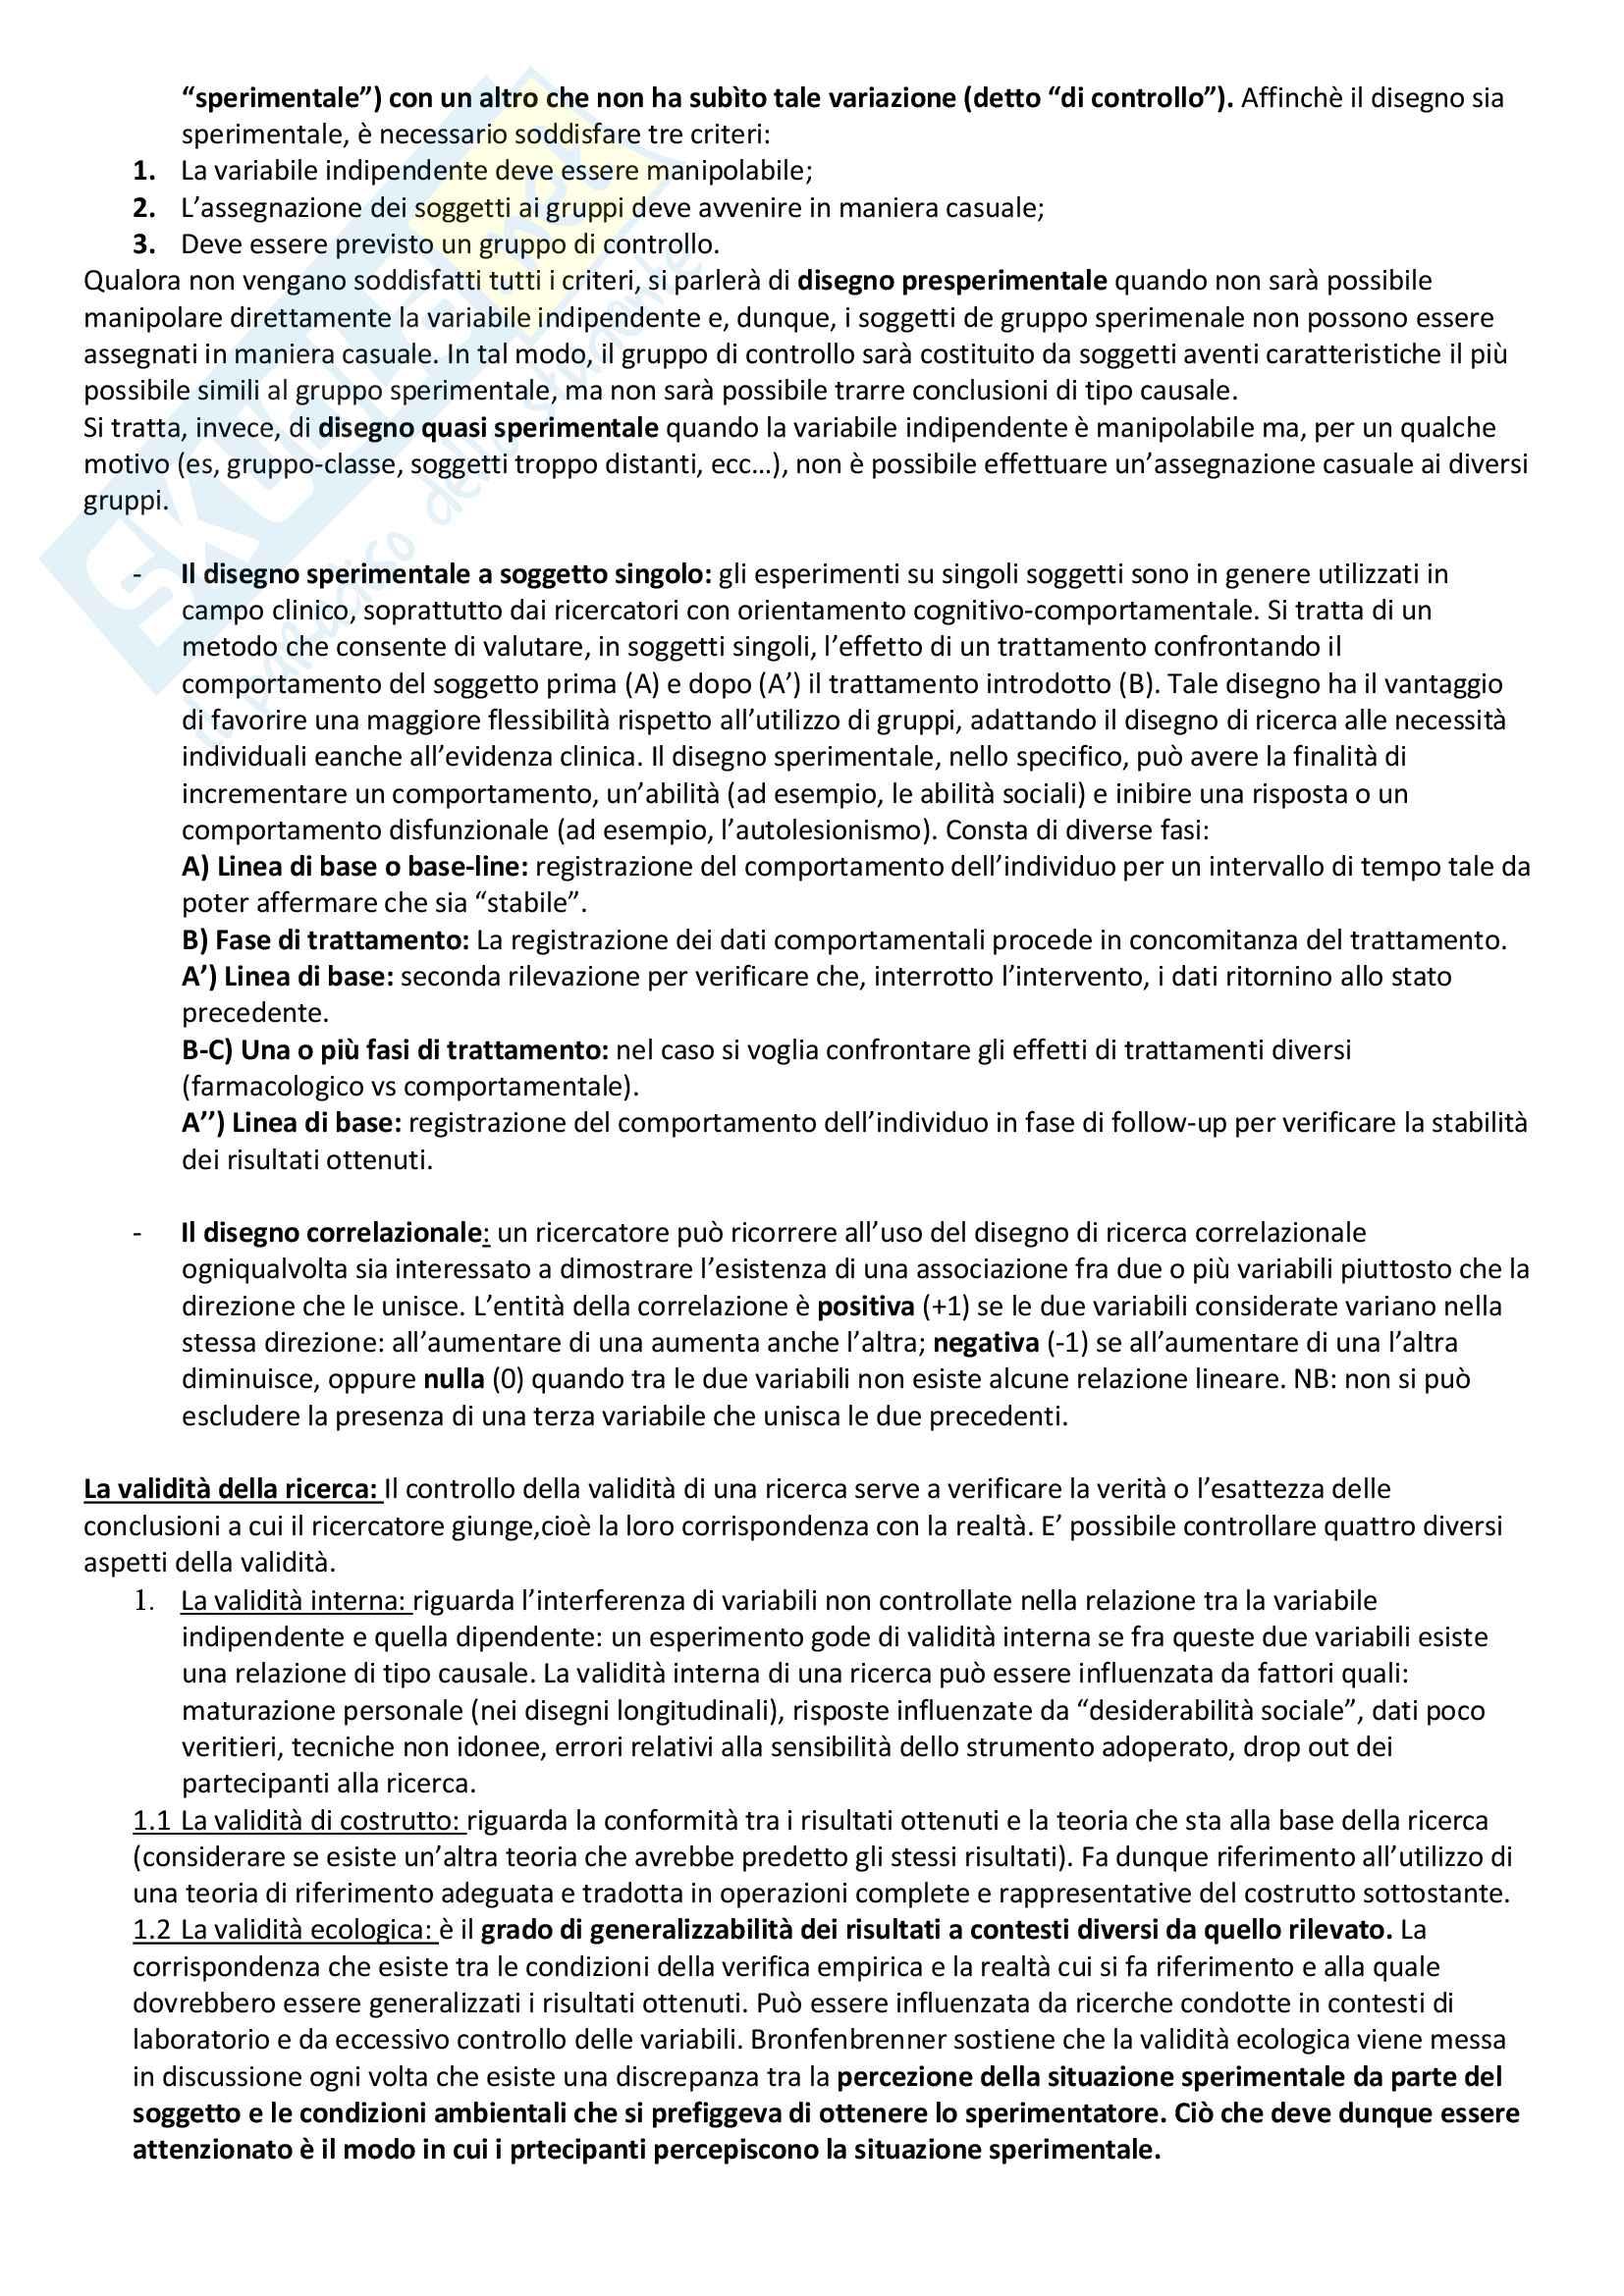 Riassunto per esame psicologia dello sviluppo tipico e atipico, prof. Longobardi, libro consigliato: Psicologia dello sviluppo, Barone Pag. 6